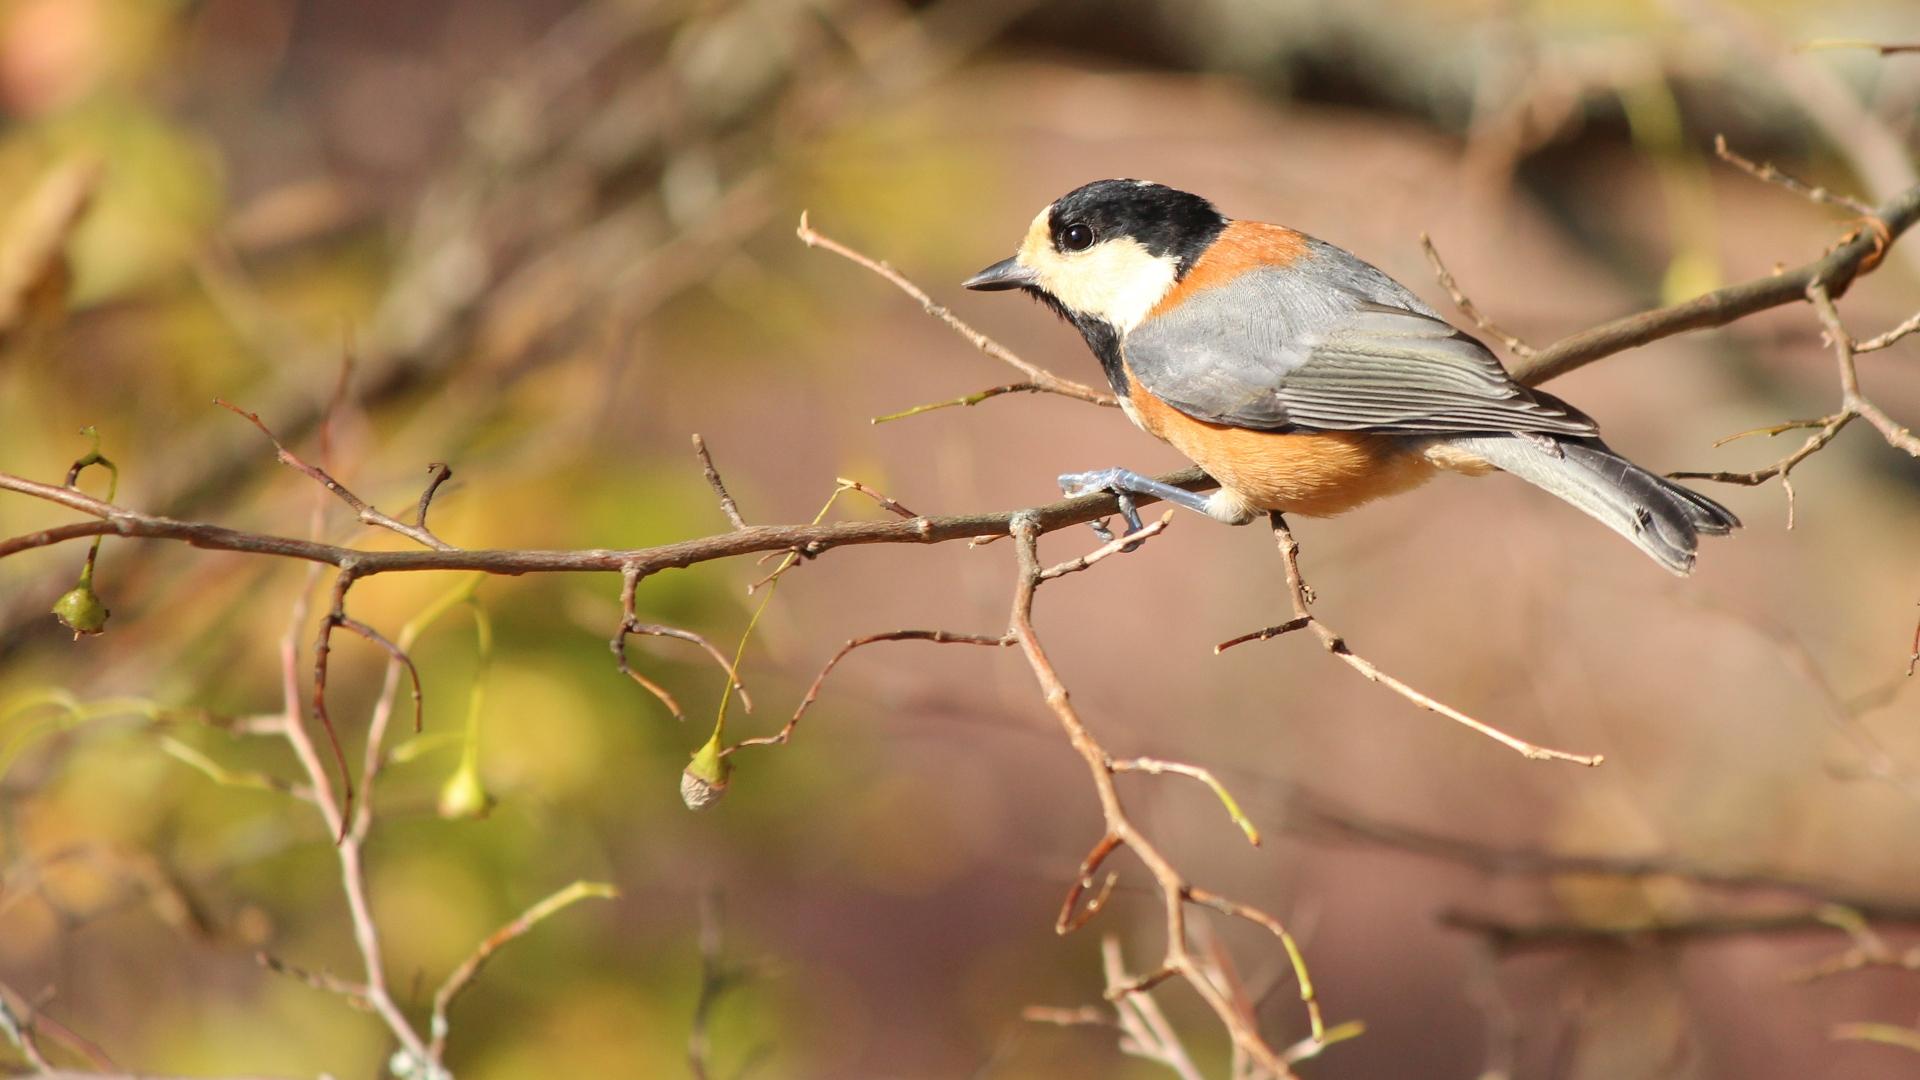 野鳥 ヤマガラ。 ( 鳥 ) - 休日、写真。 野鳥と動物編 - Yahoo!ブログ